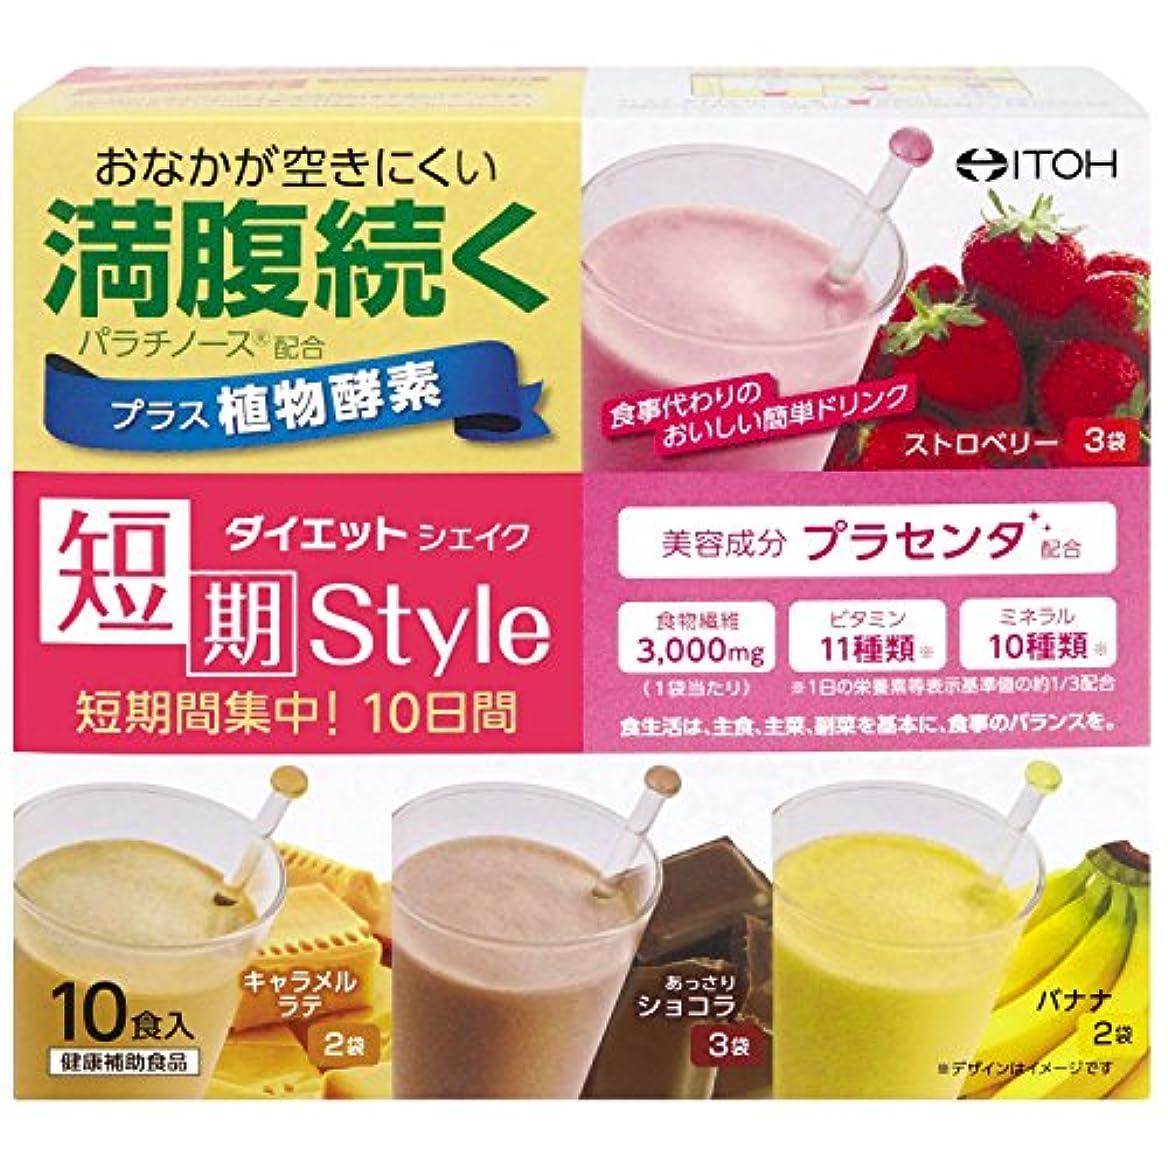 理容師恐れミスペンド井藤漢方製薬 短期スタイル ダイエットシェイク 25g×10袋